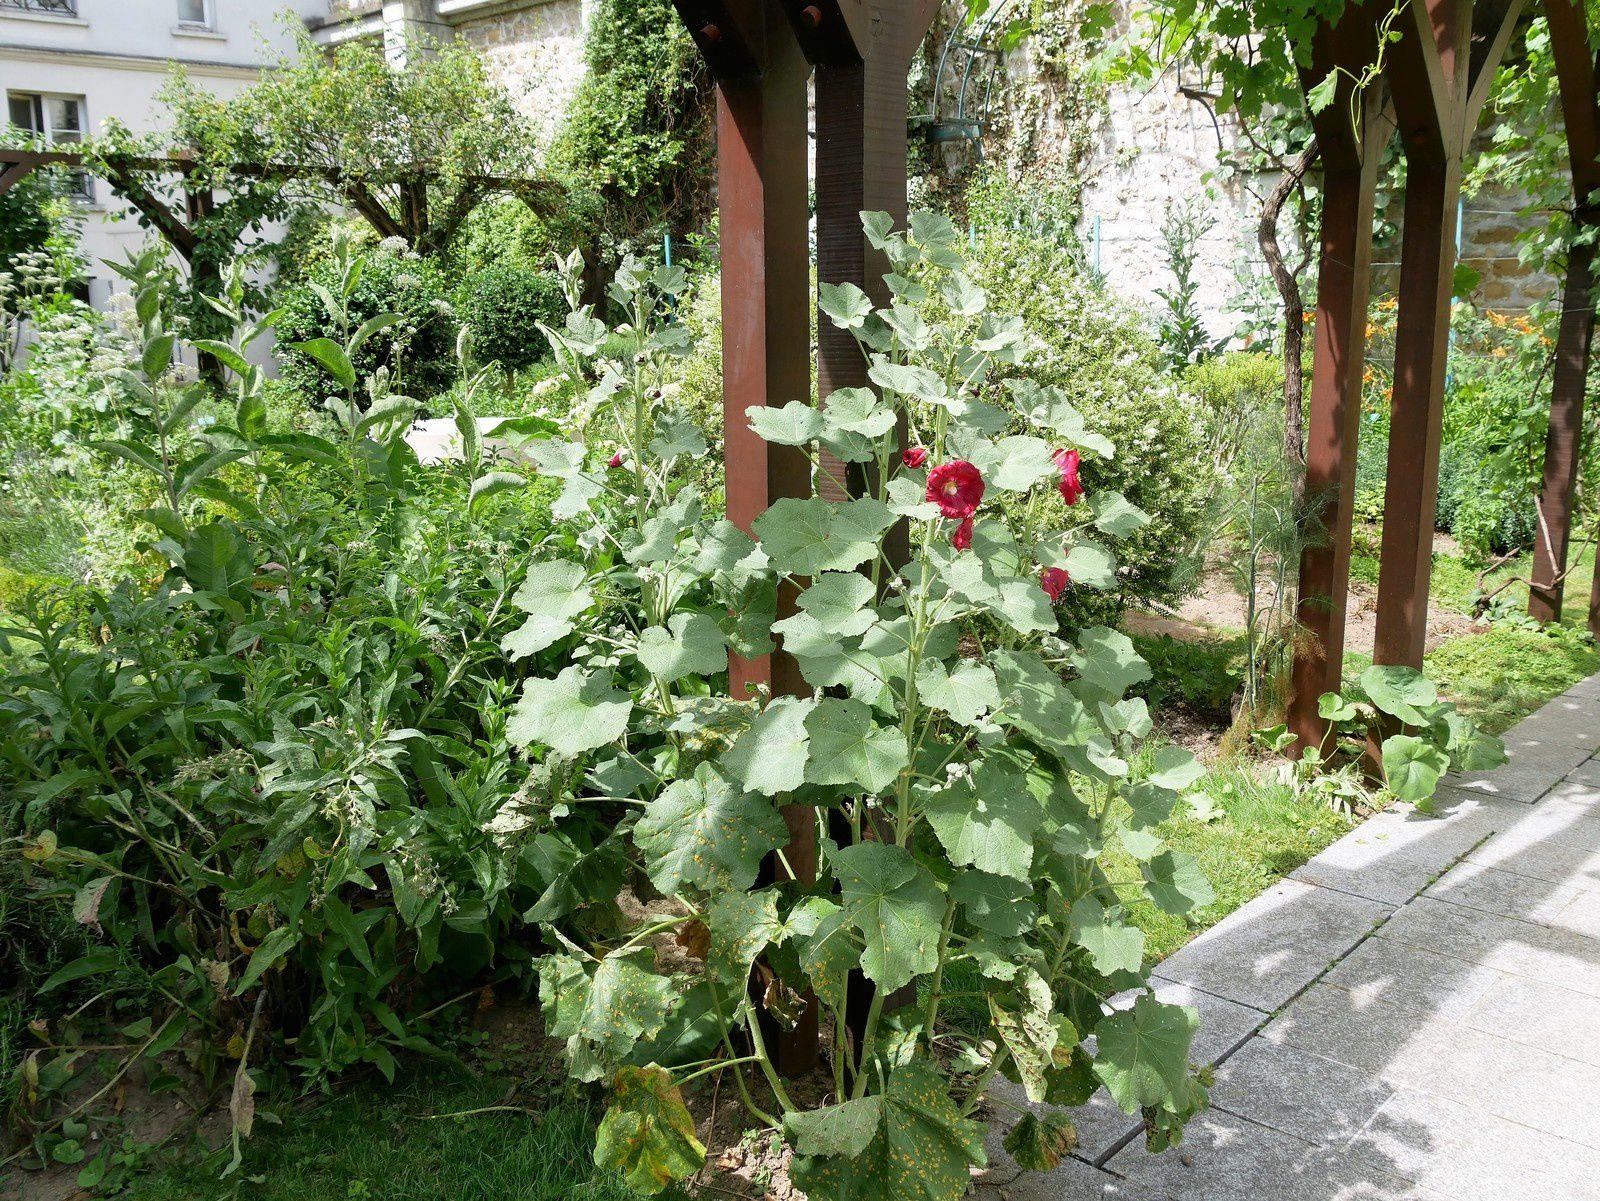 Le jardin des Abbesses. Passage des Abbesses. Les simples.